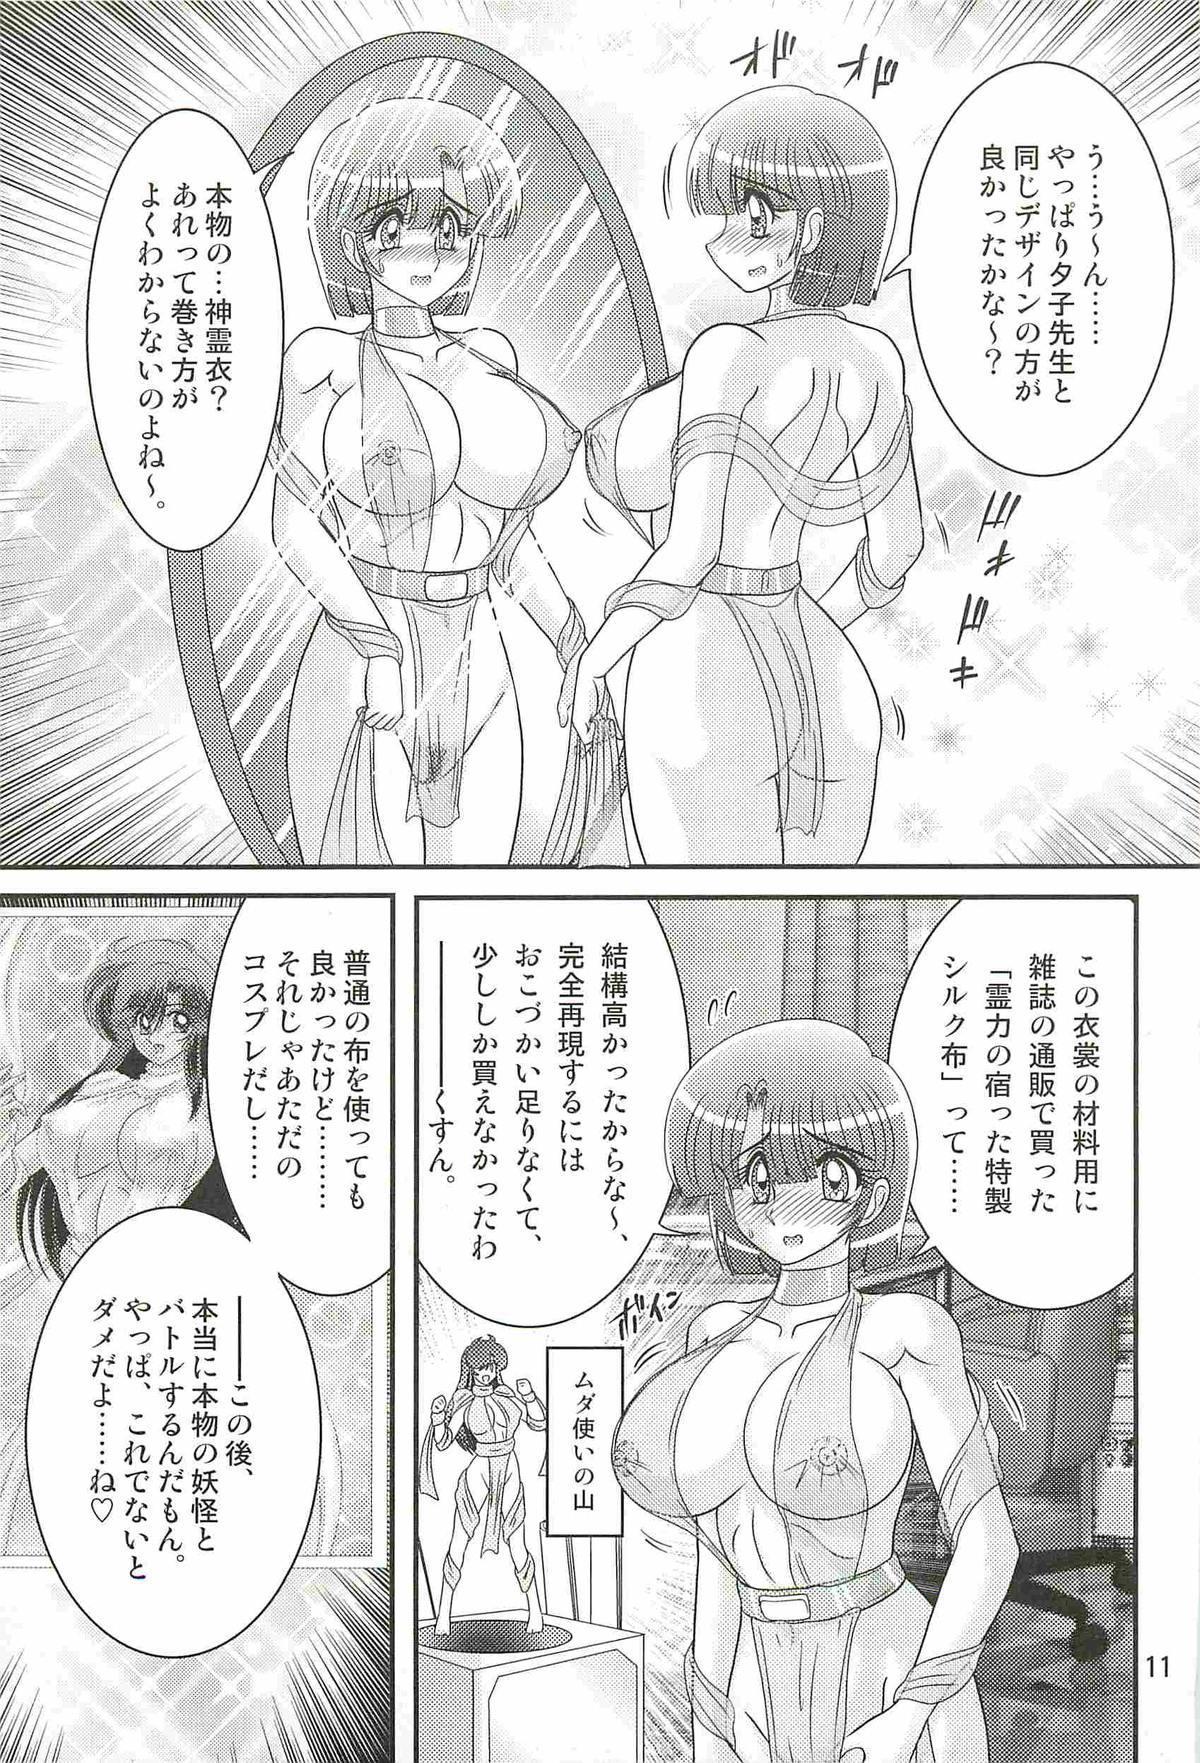 Seirei Tokusou Fairy Saber W - Undead Rape 14